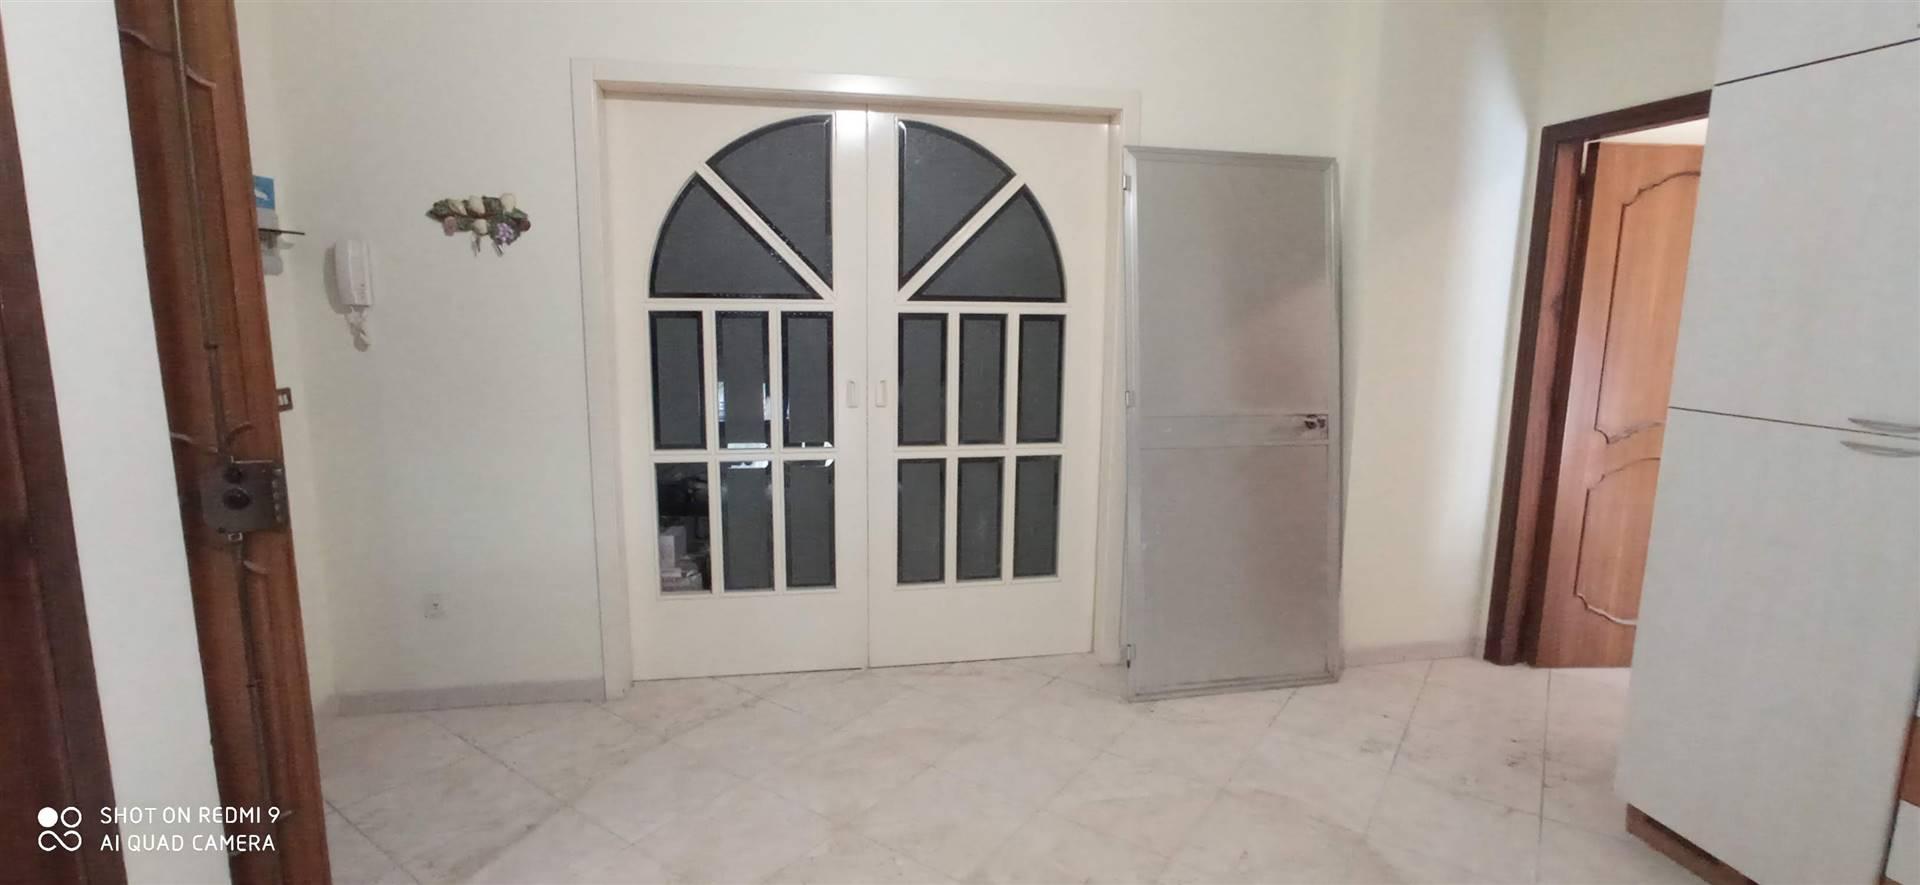 Porta ingresso soggiorno